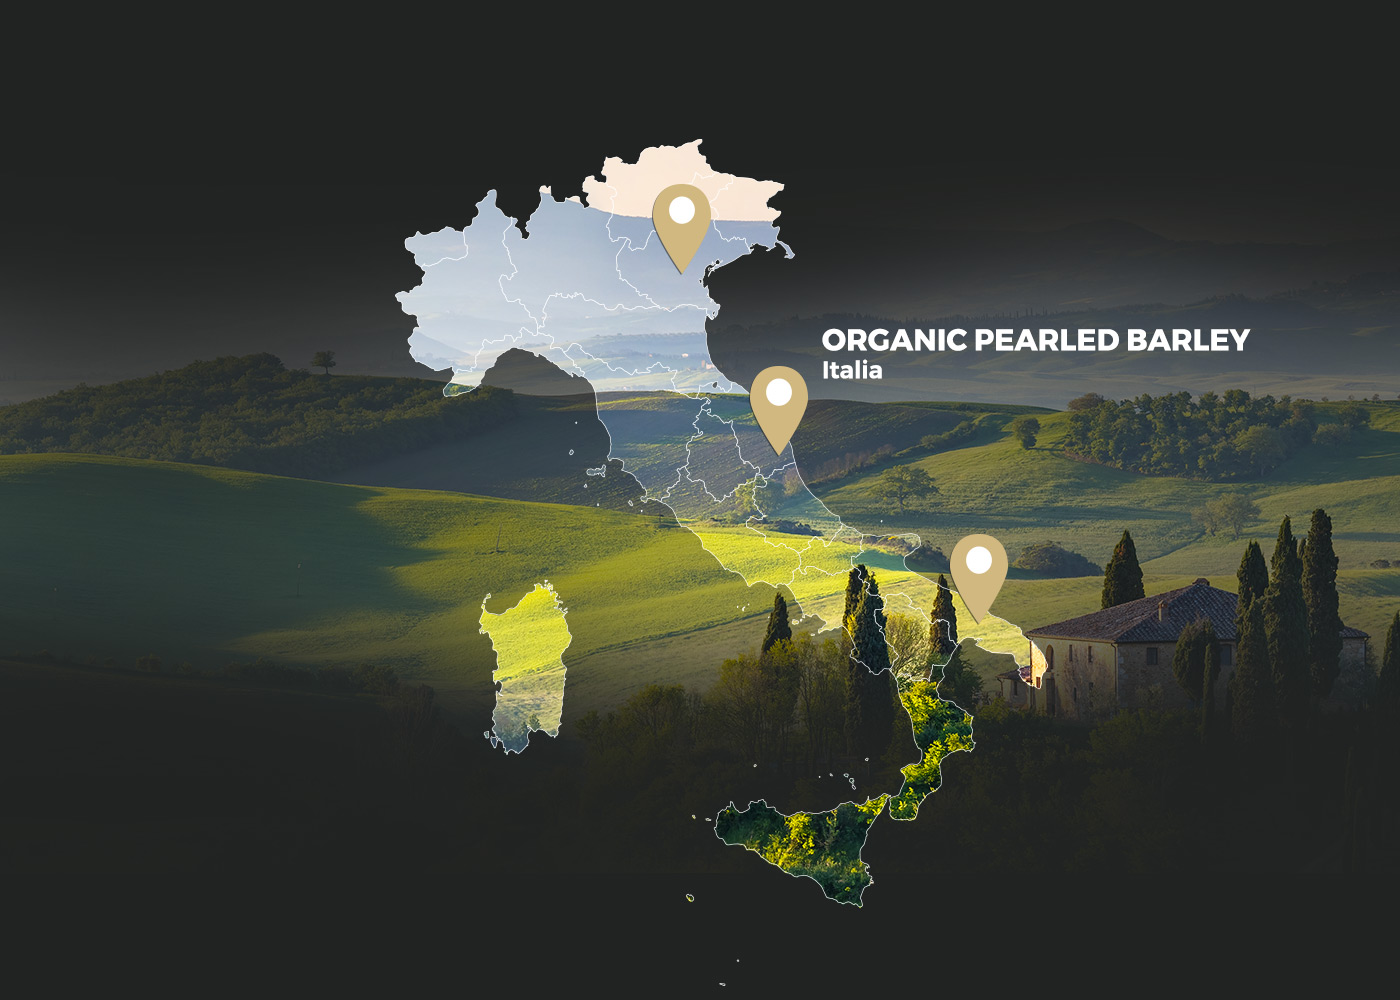 Organic Pearled Barley